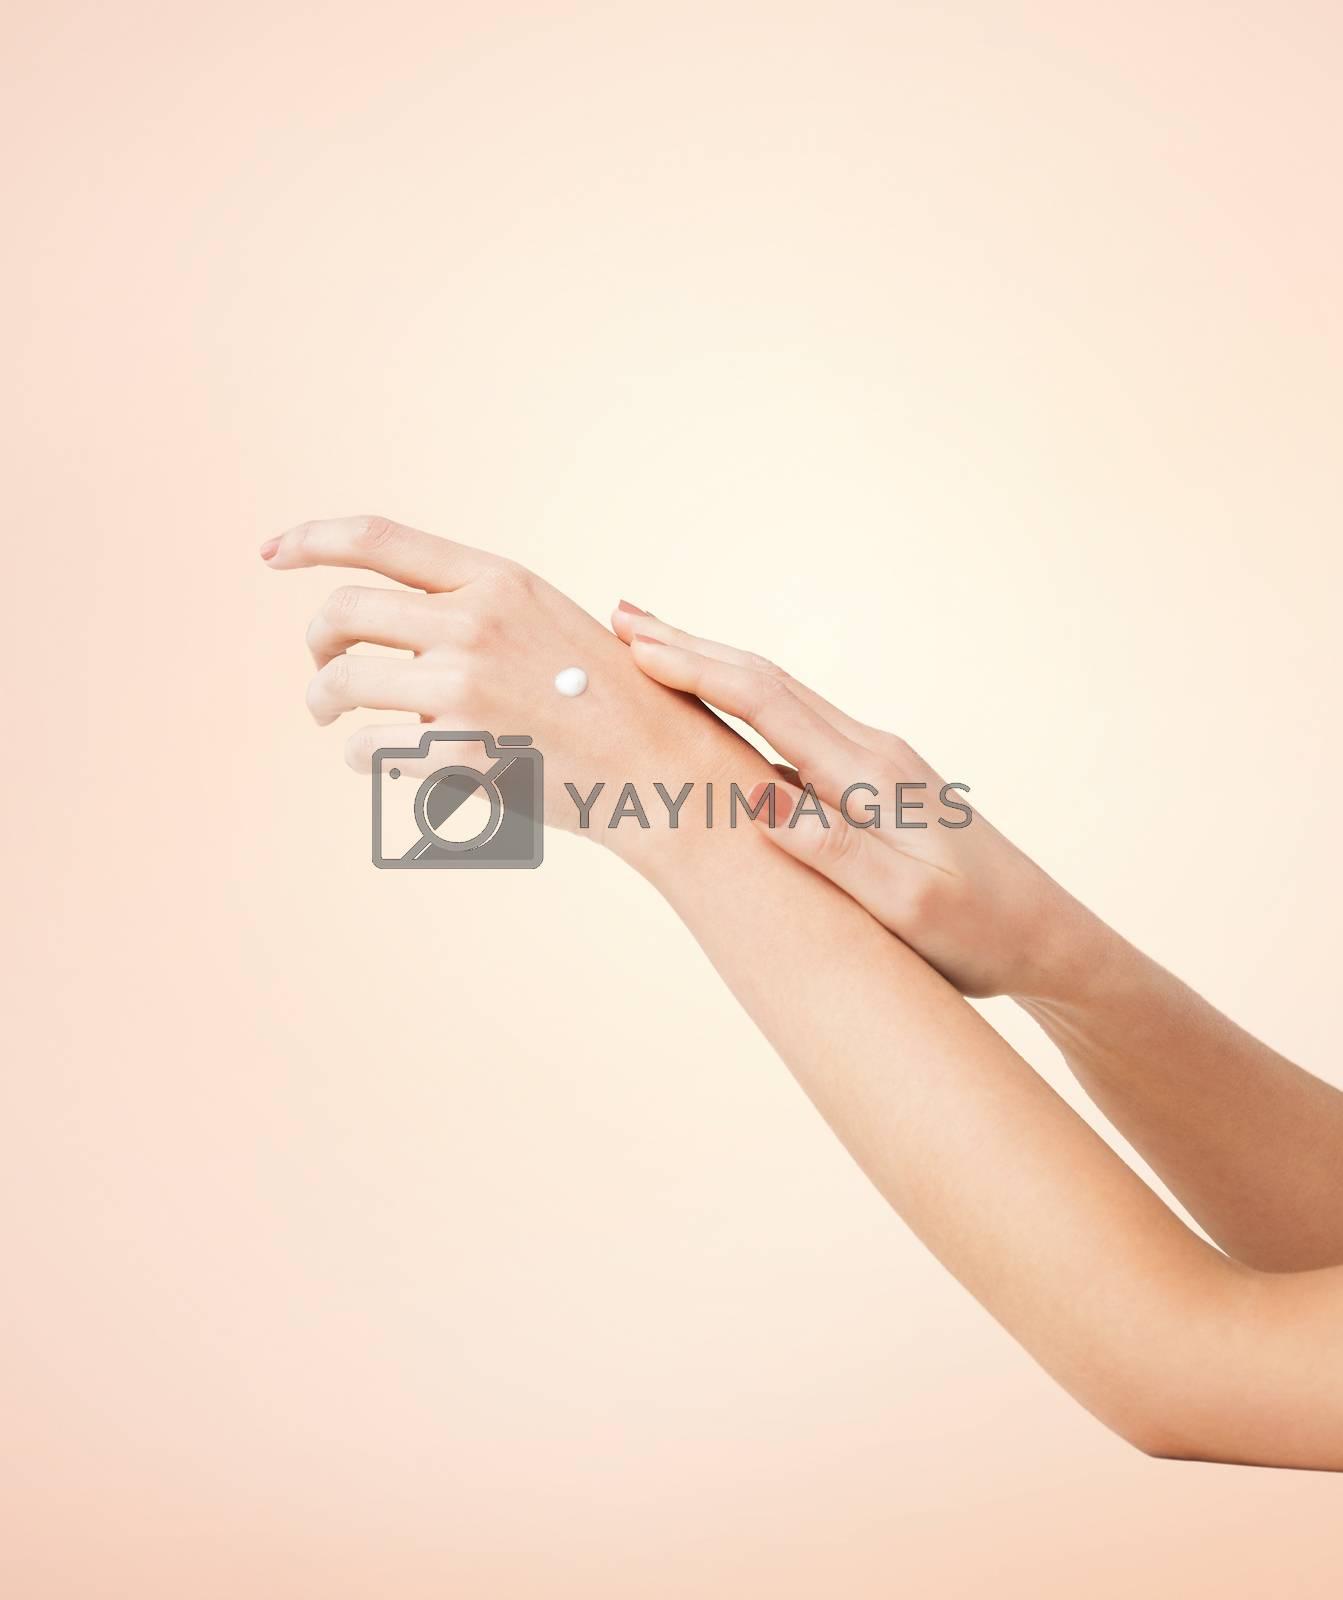 female soft skin hands by dolgachov